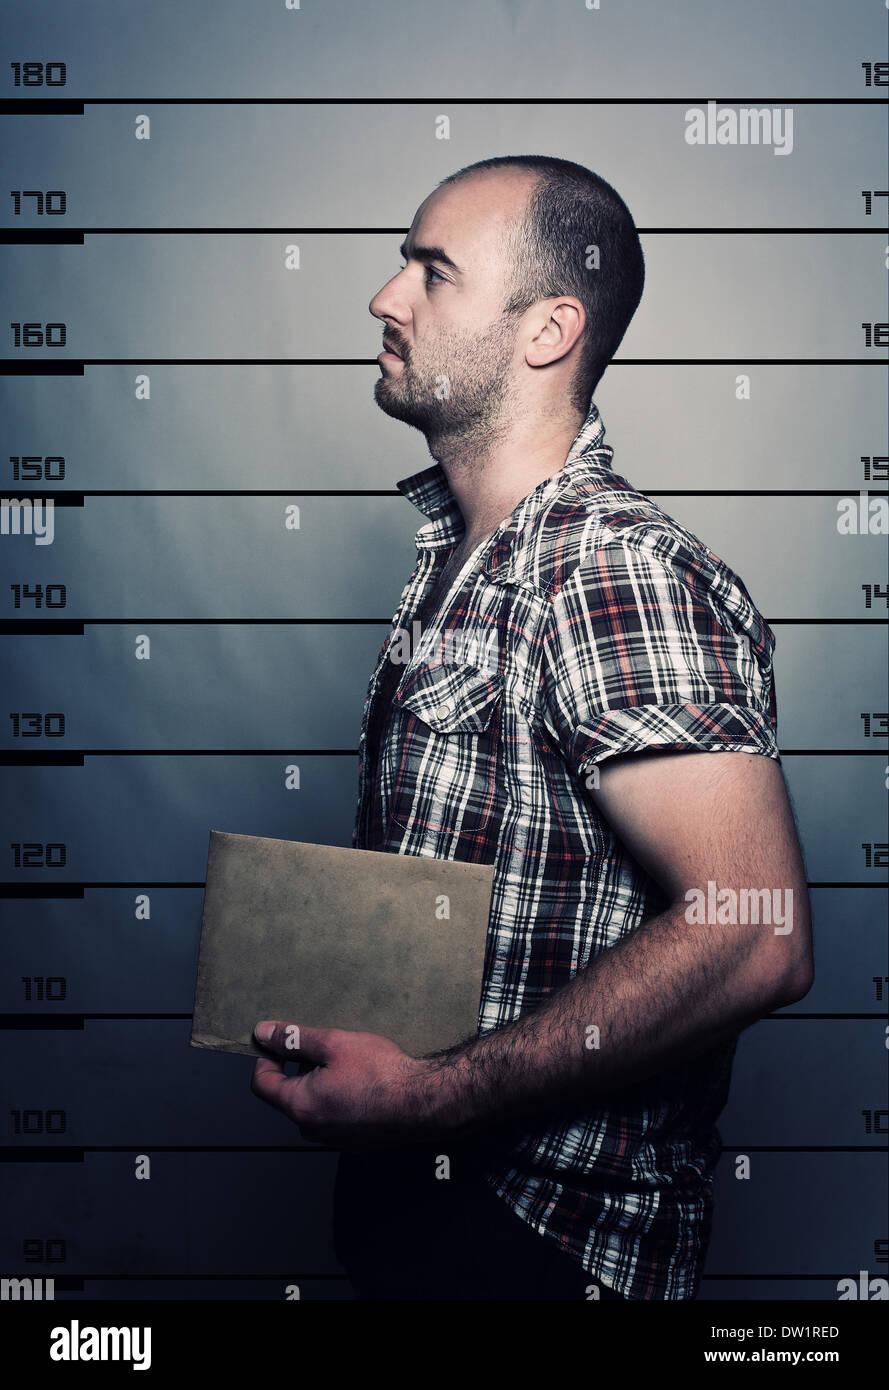 criminal portrait - Stock Image